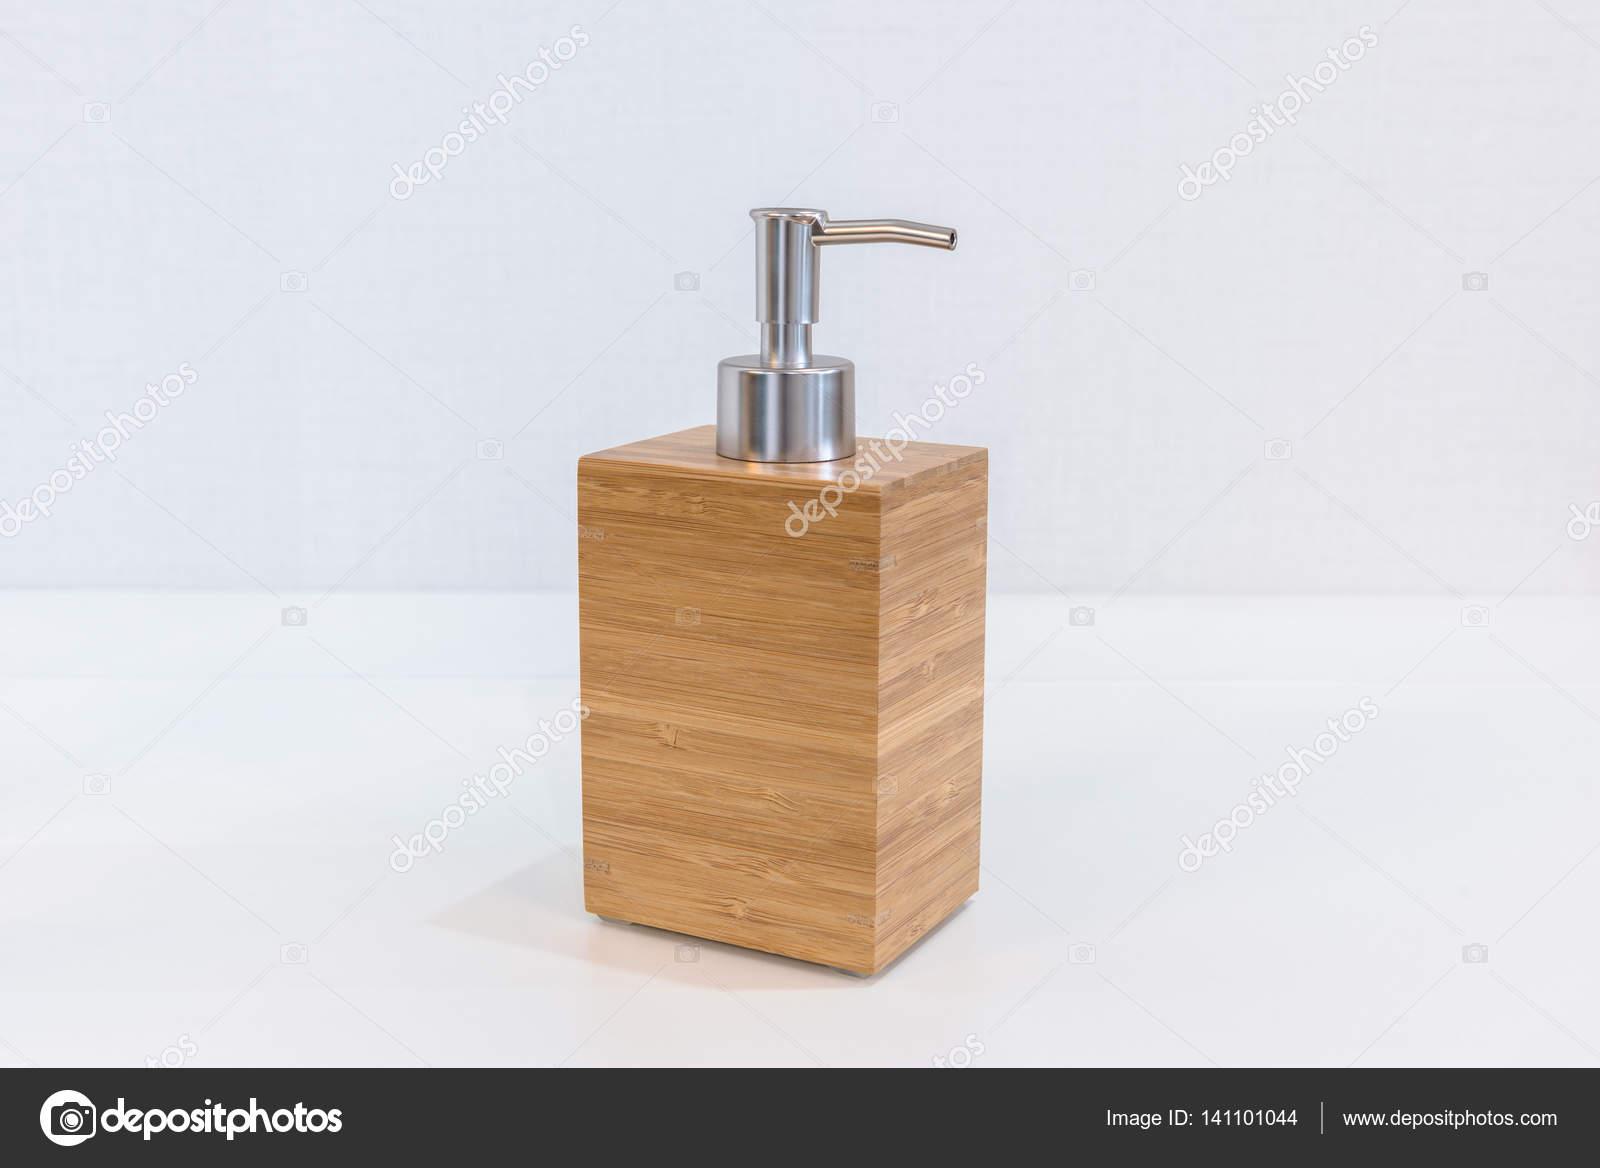 Awesome accessori bagno legno ideas for Accessori bagno in legno